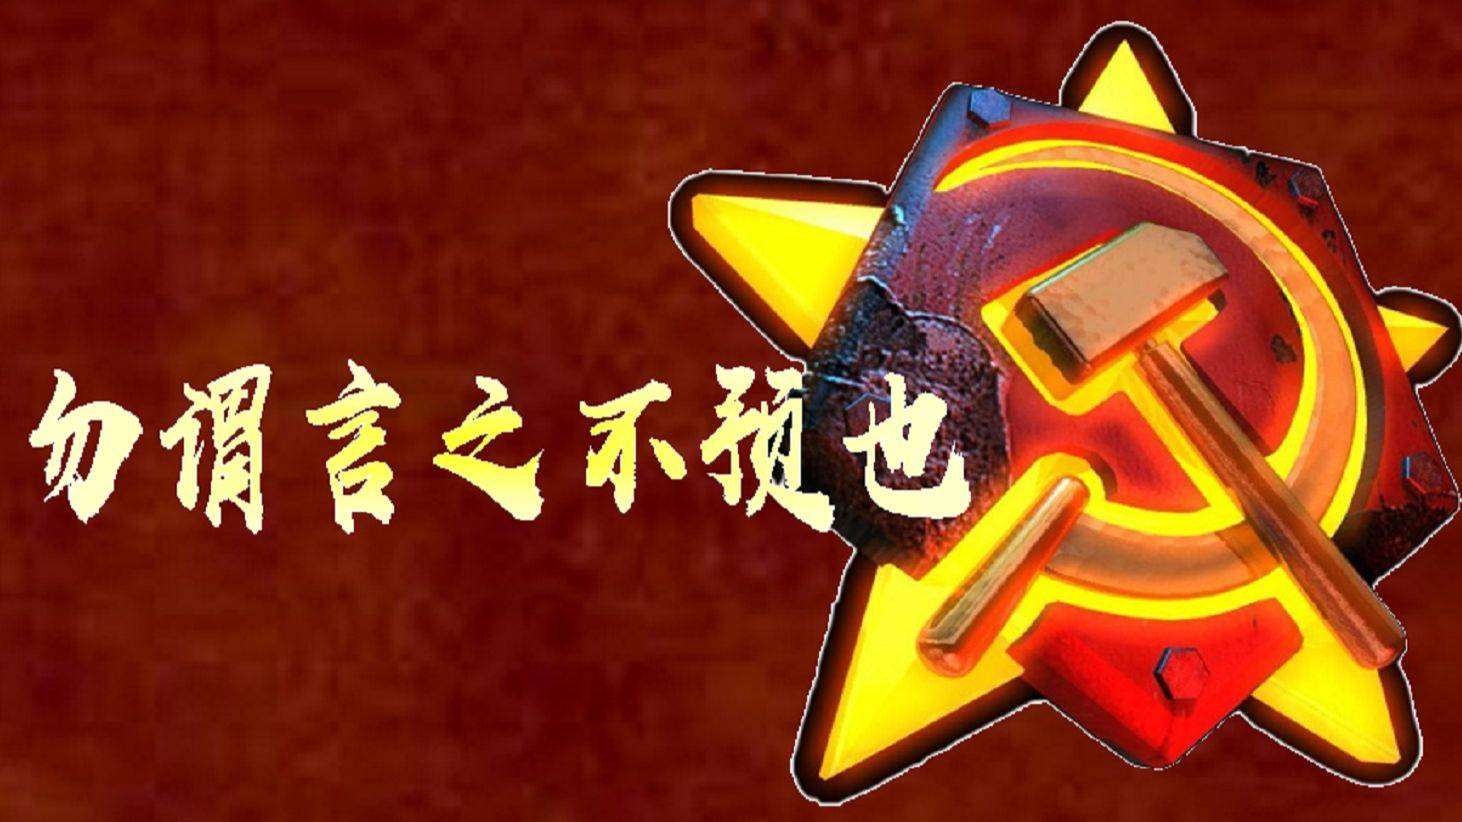 【红警】越南VS天朝:大国忍你的挑衅可以再三再四,一旦我不忍了你连半招都挡不住!